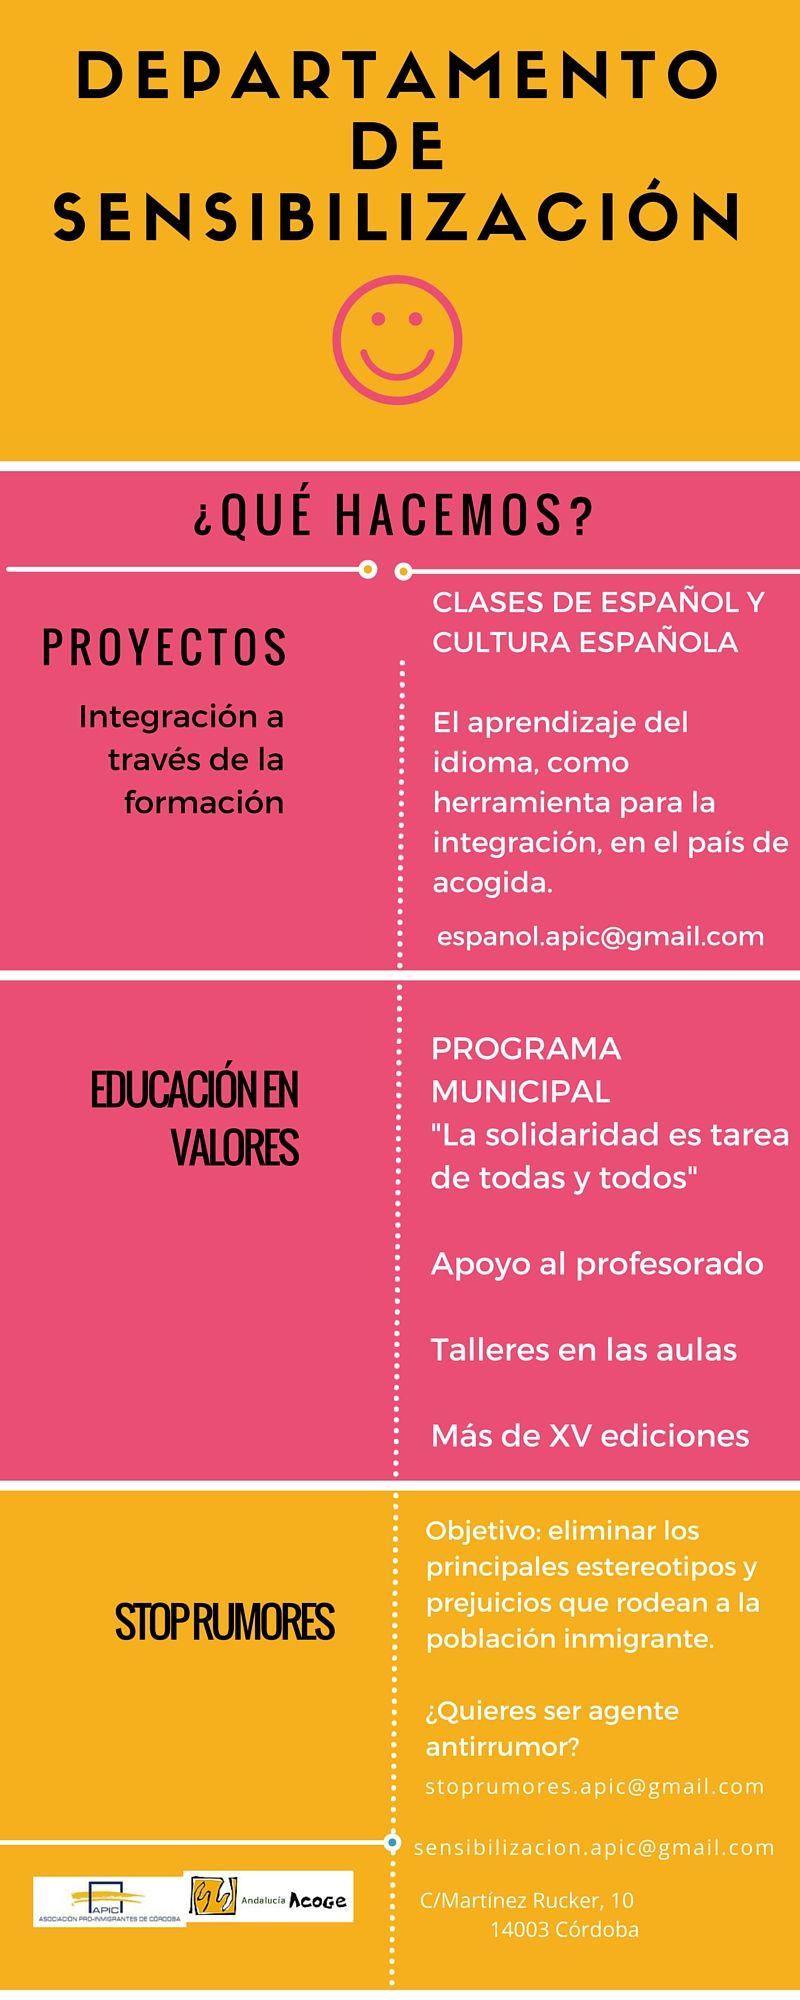 Esta es la #infografía de nuestro departamento de #sensibilización: clases de español, educación en valores...